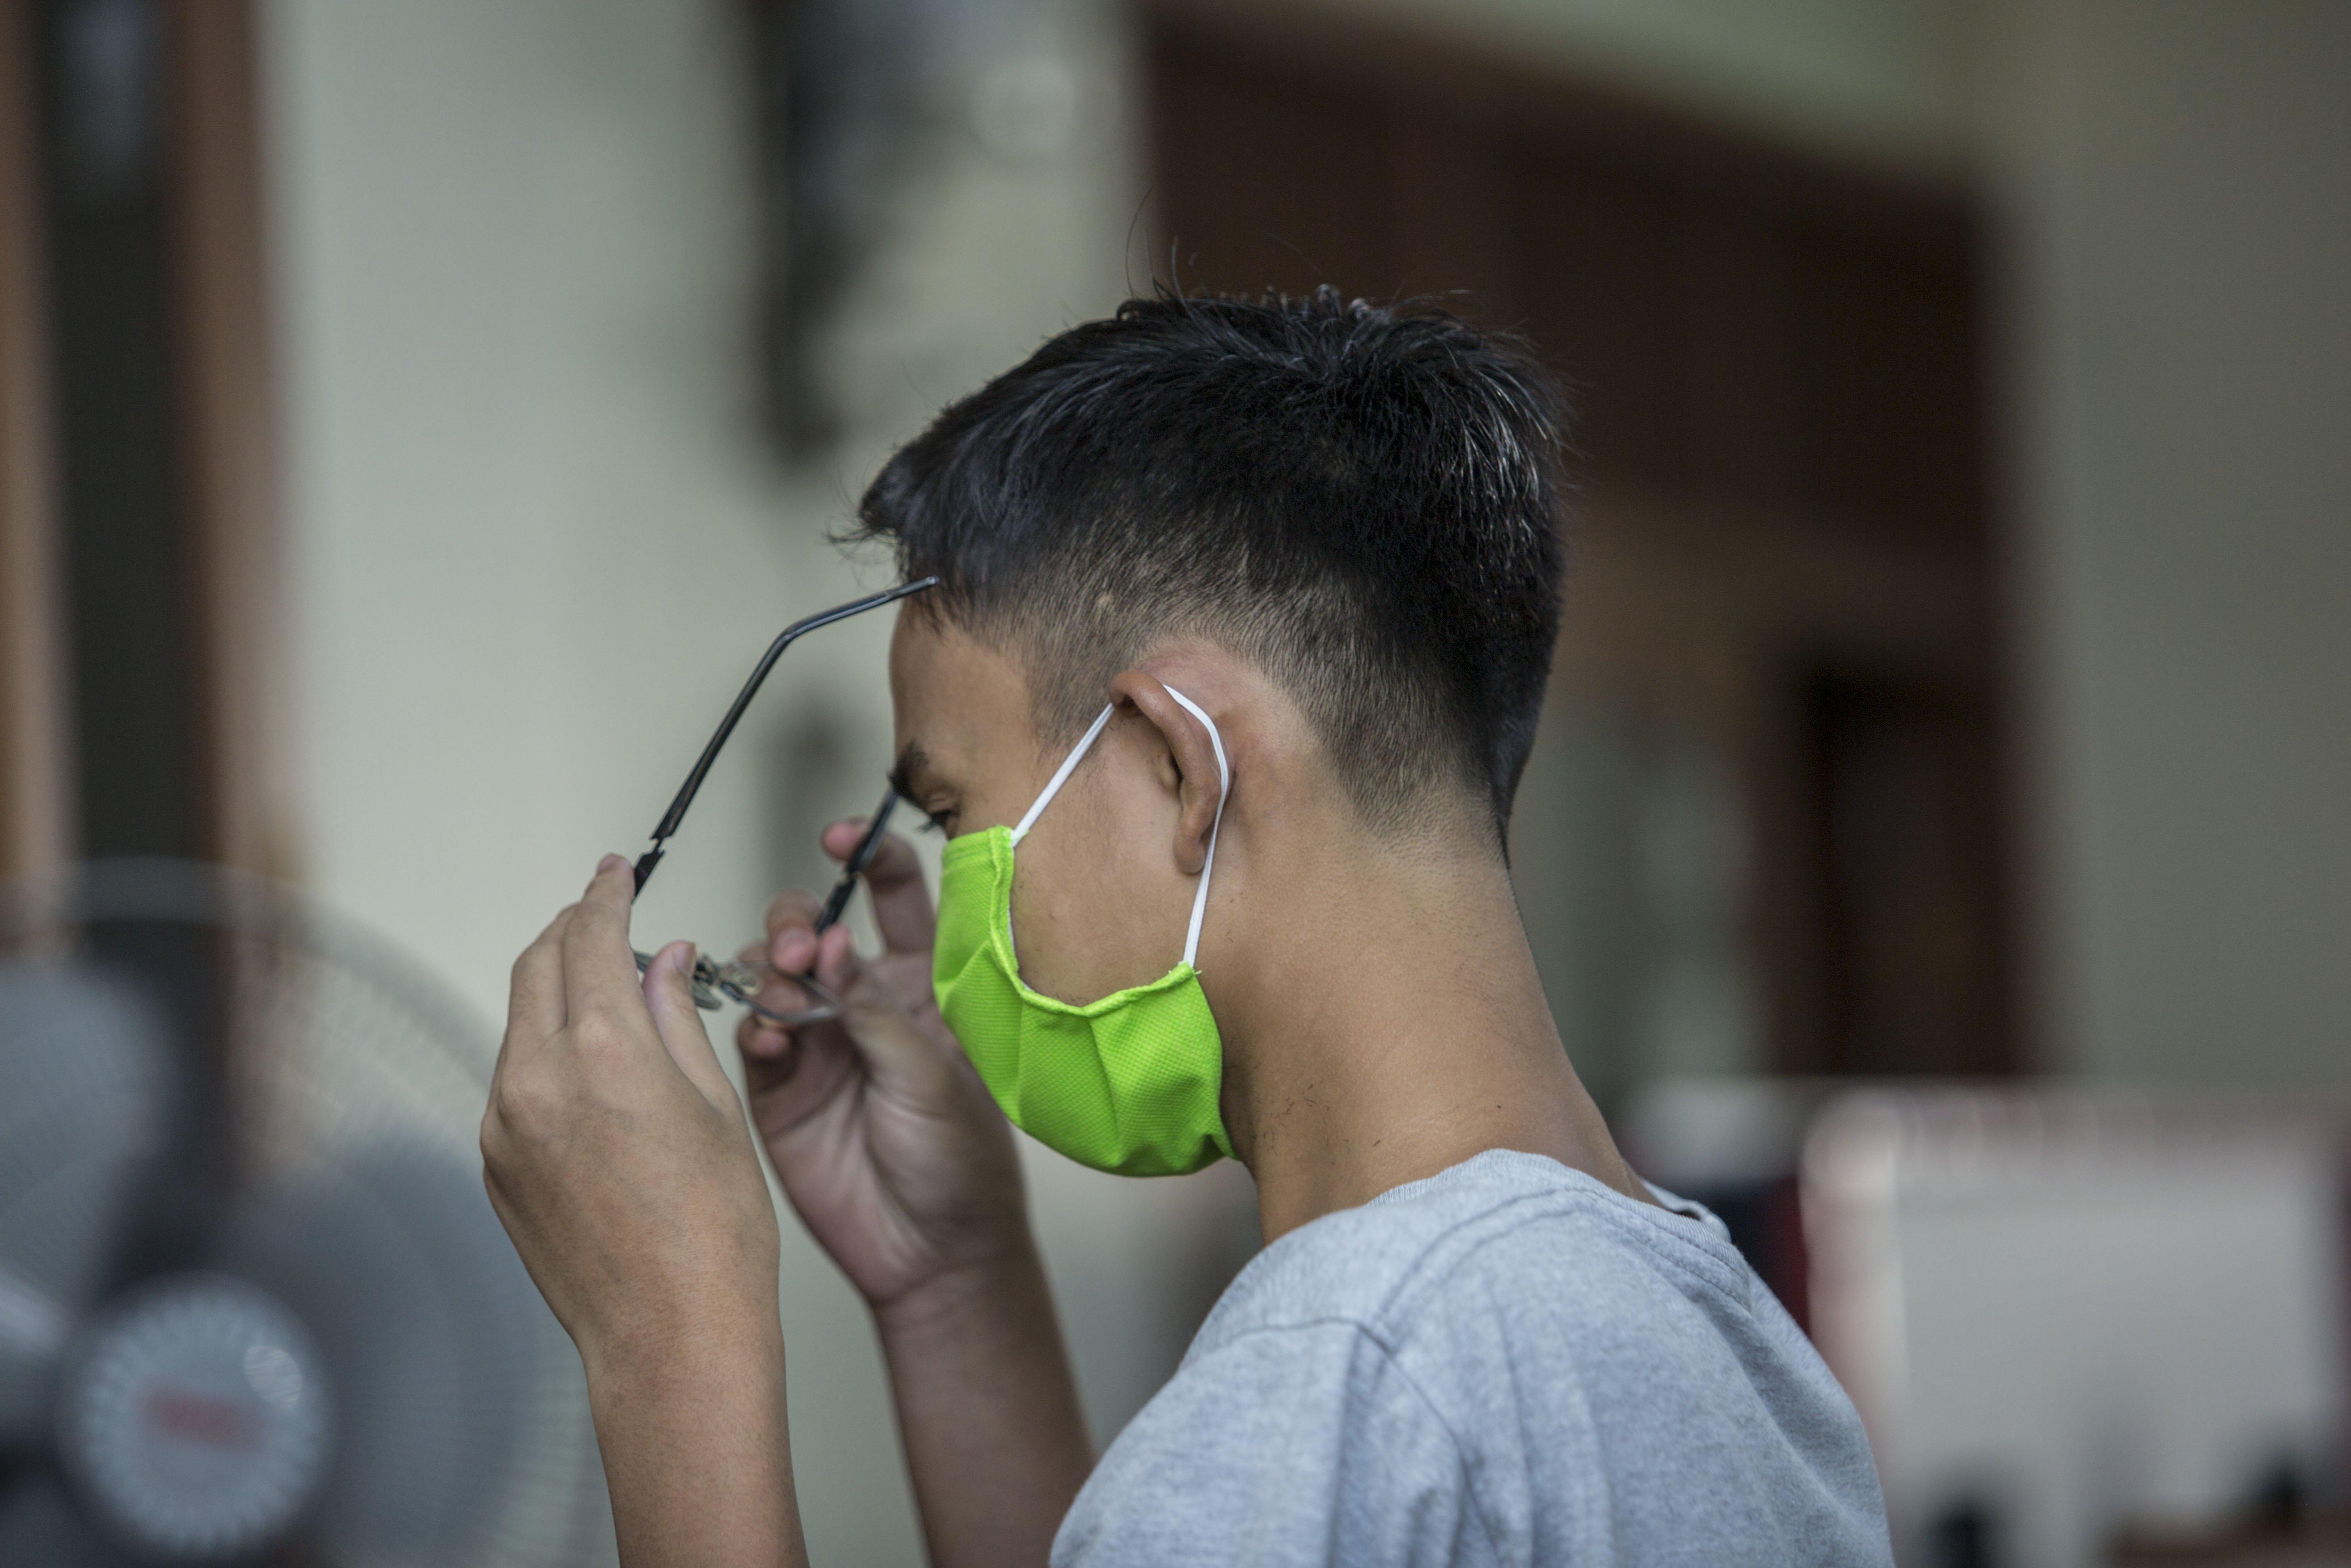 Pelanggan menggunakan kaca mata setelah selesai di cukur mengunakan jasa cukur rambut pangilan di Gang Poncol, Cimanggis, Kota Depok, Rabu (29/4/2020). Penerapan Pembatasan Sosial Berskala Besar (PSBB) Kota Depok membuat pelaku usaha cukur rambut tersebut menerima jasa panggilan ke rumah dengan menggunakan APD sebagai upaya pencegahan virus korona (Covid-19).